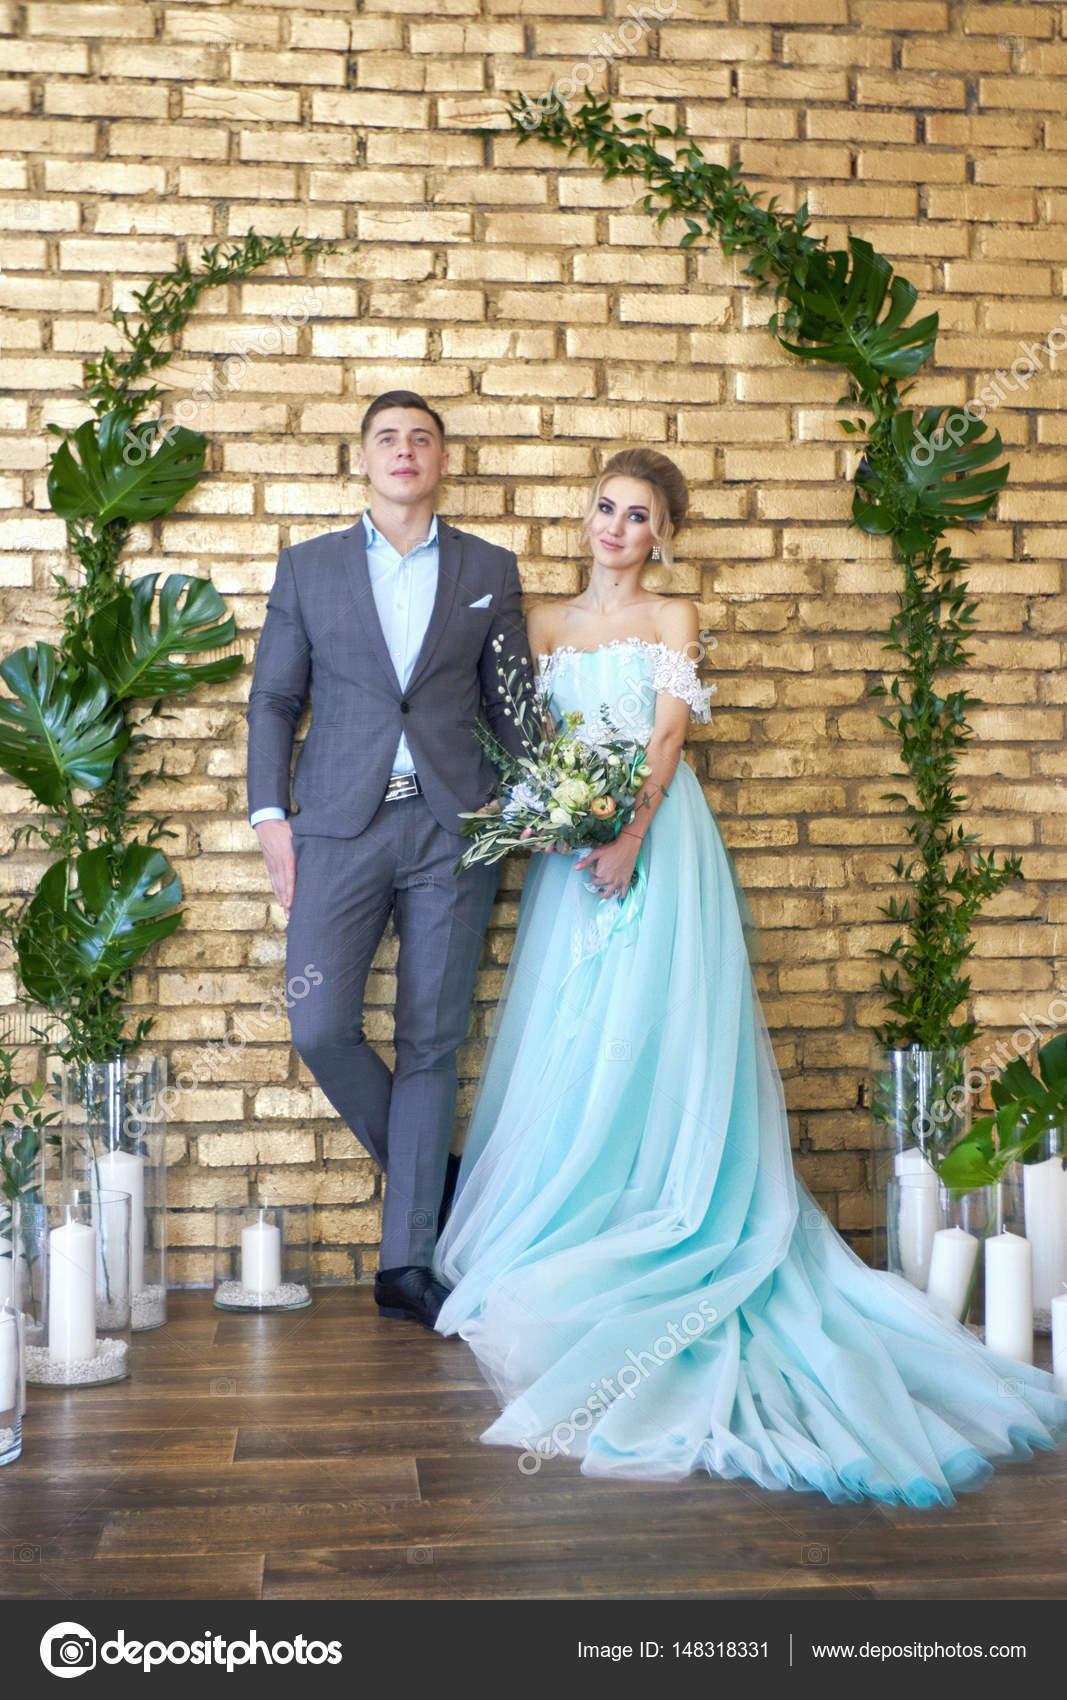 f1695f27942f2 Panna Młoda w turkusową sukienkę i pan młody niebieski garnitur. Wystrojem  ślubu, wesele zdjęcie strefy — Zdjęcie od ...